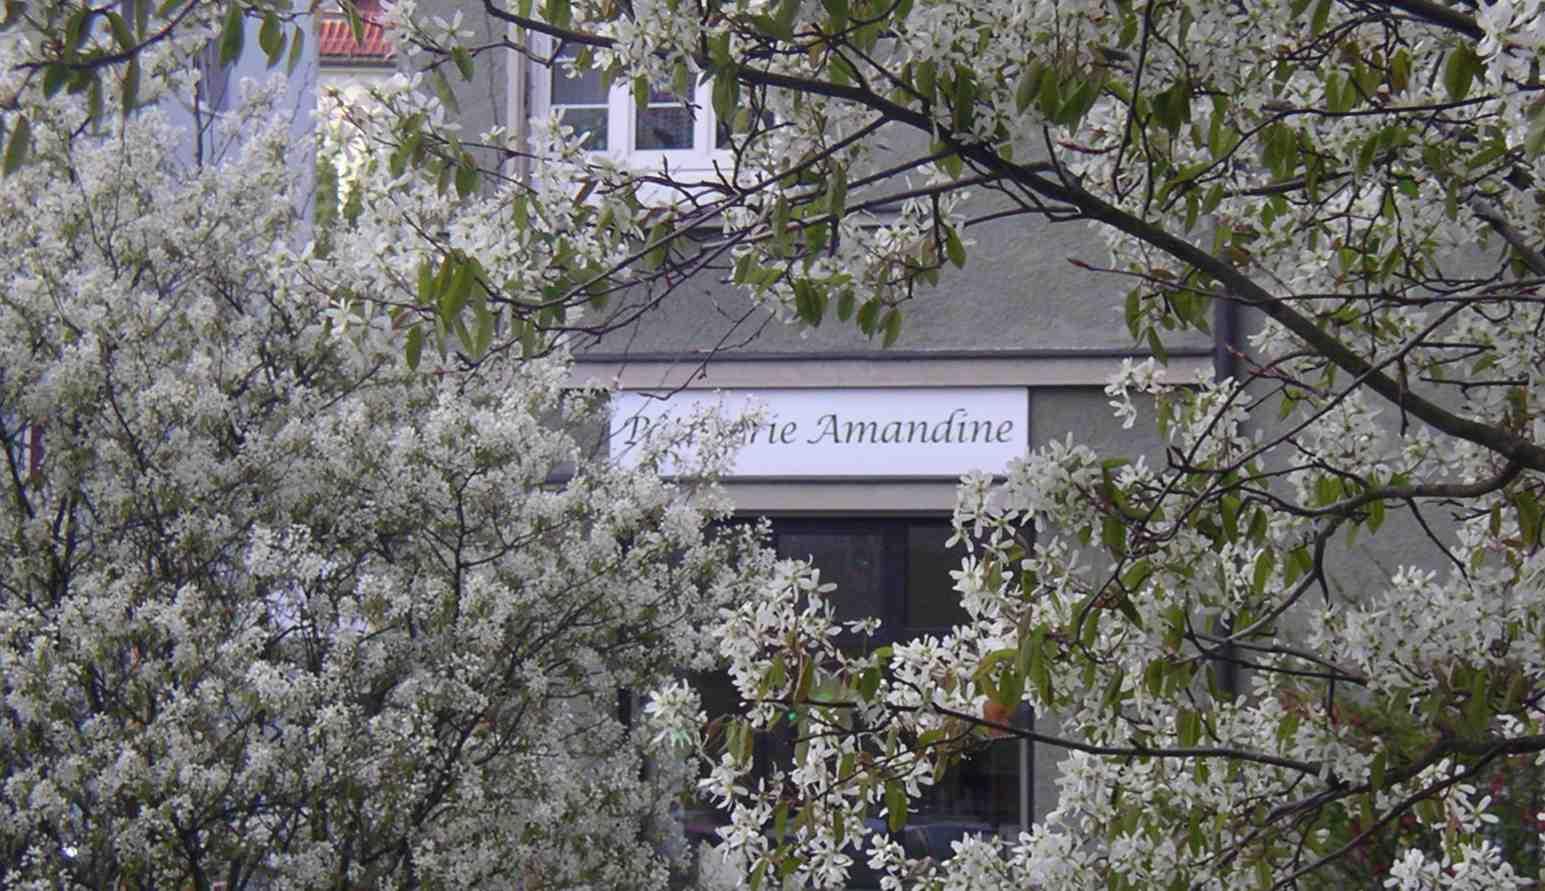 Patisserie Amandine